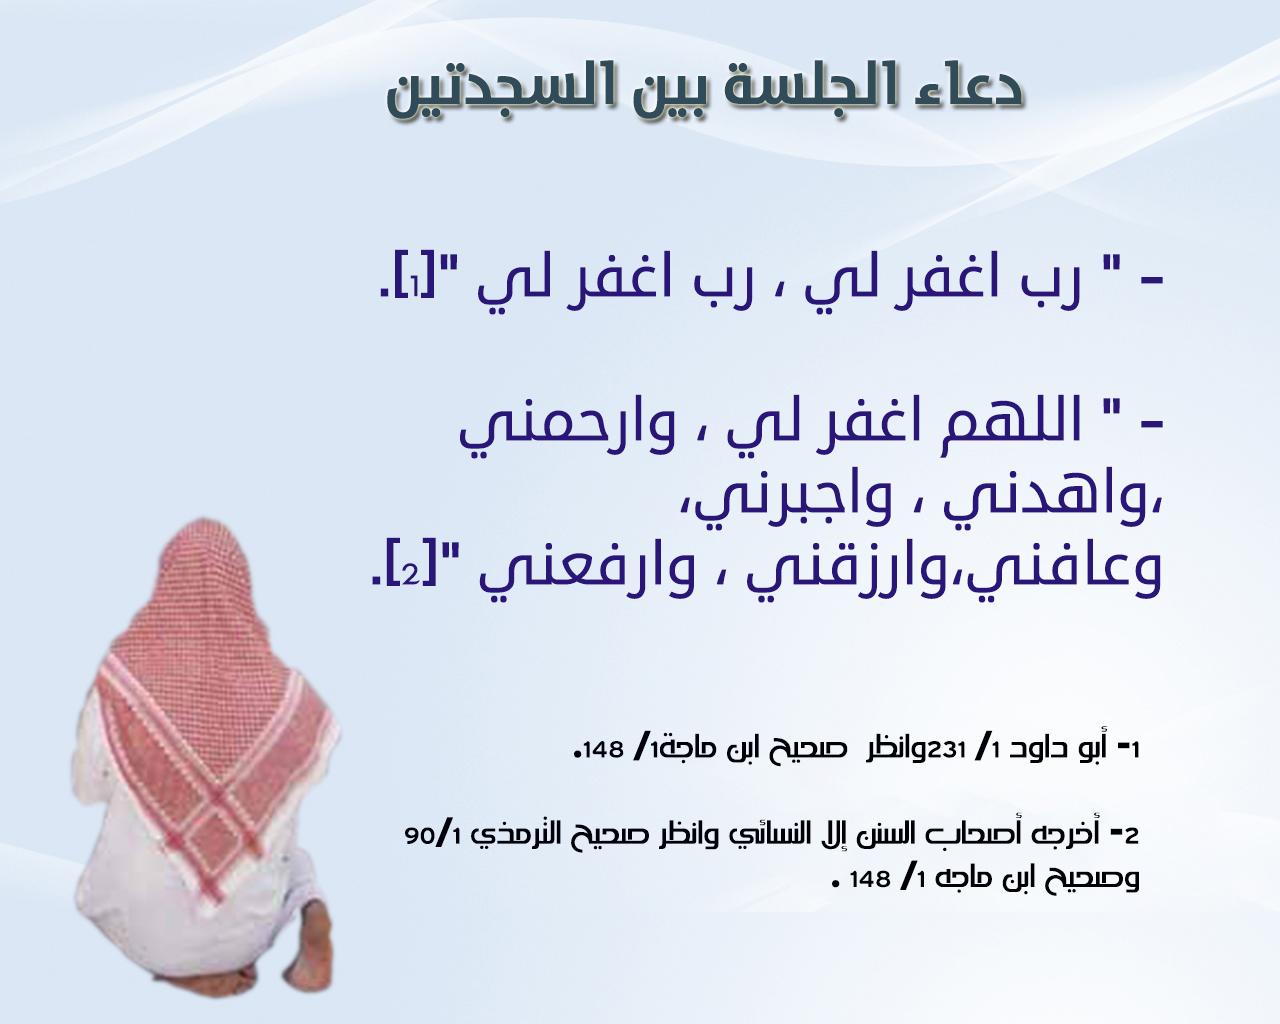 بالصور الدعاء بين السجدتين , اجمل الادعية فى وقت الصلاة 2283